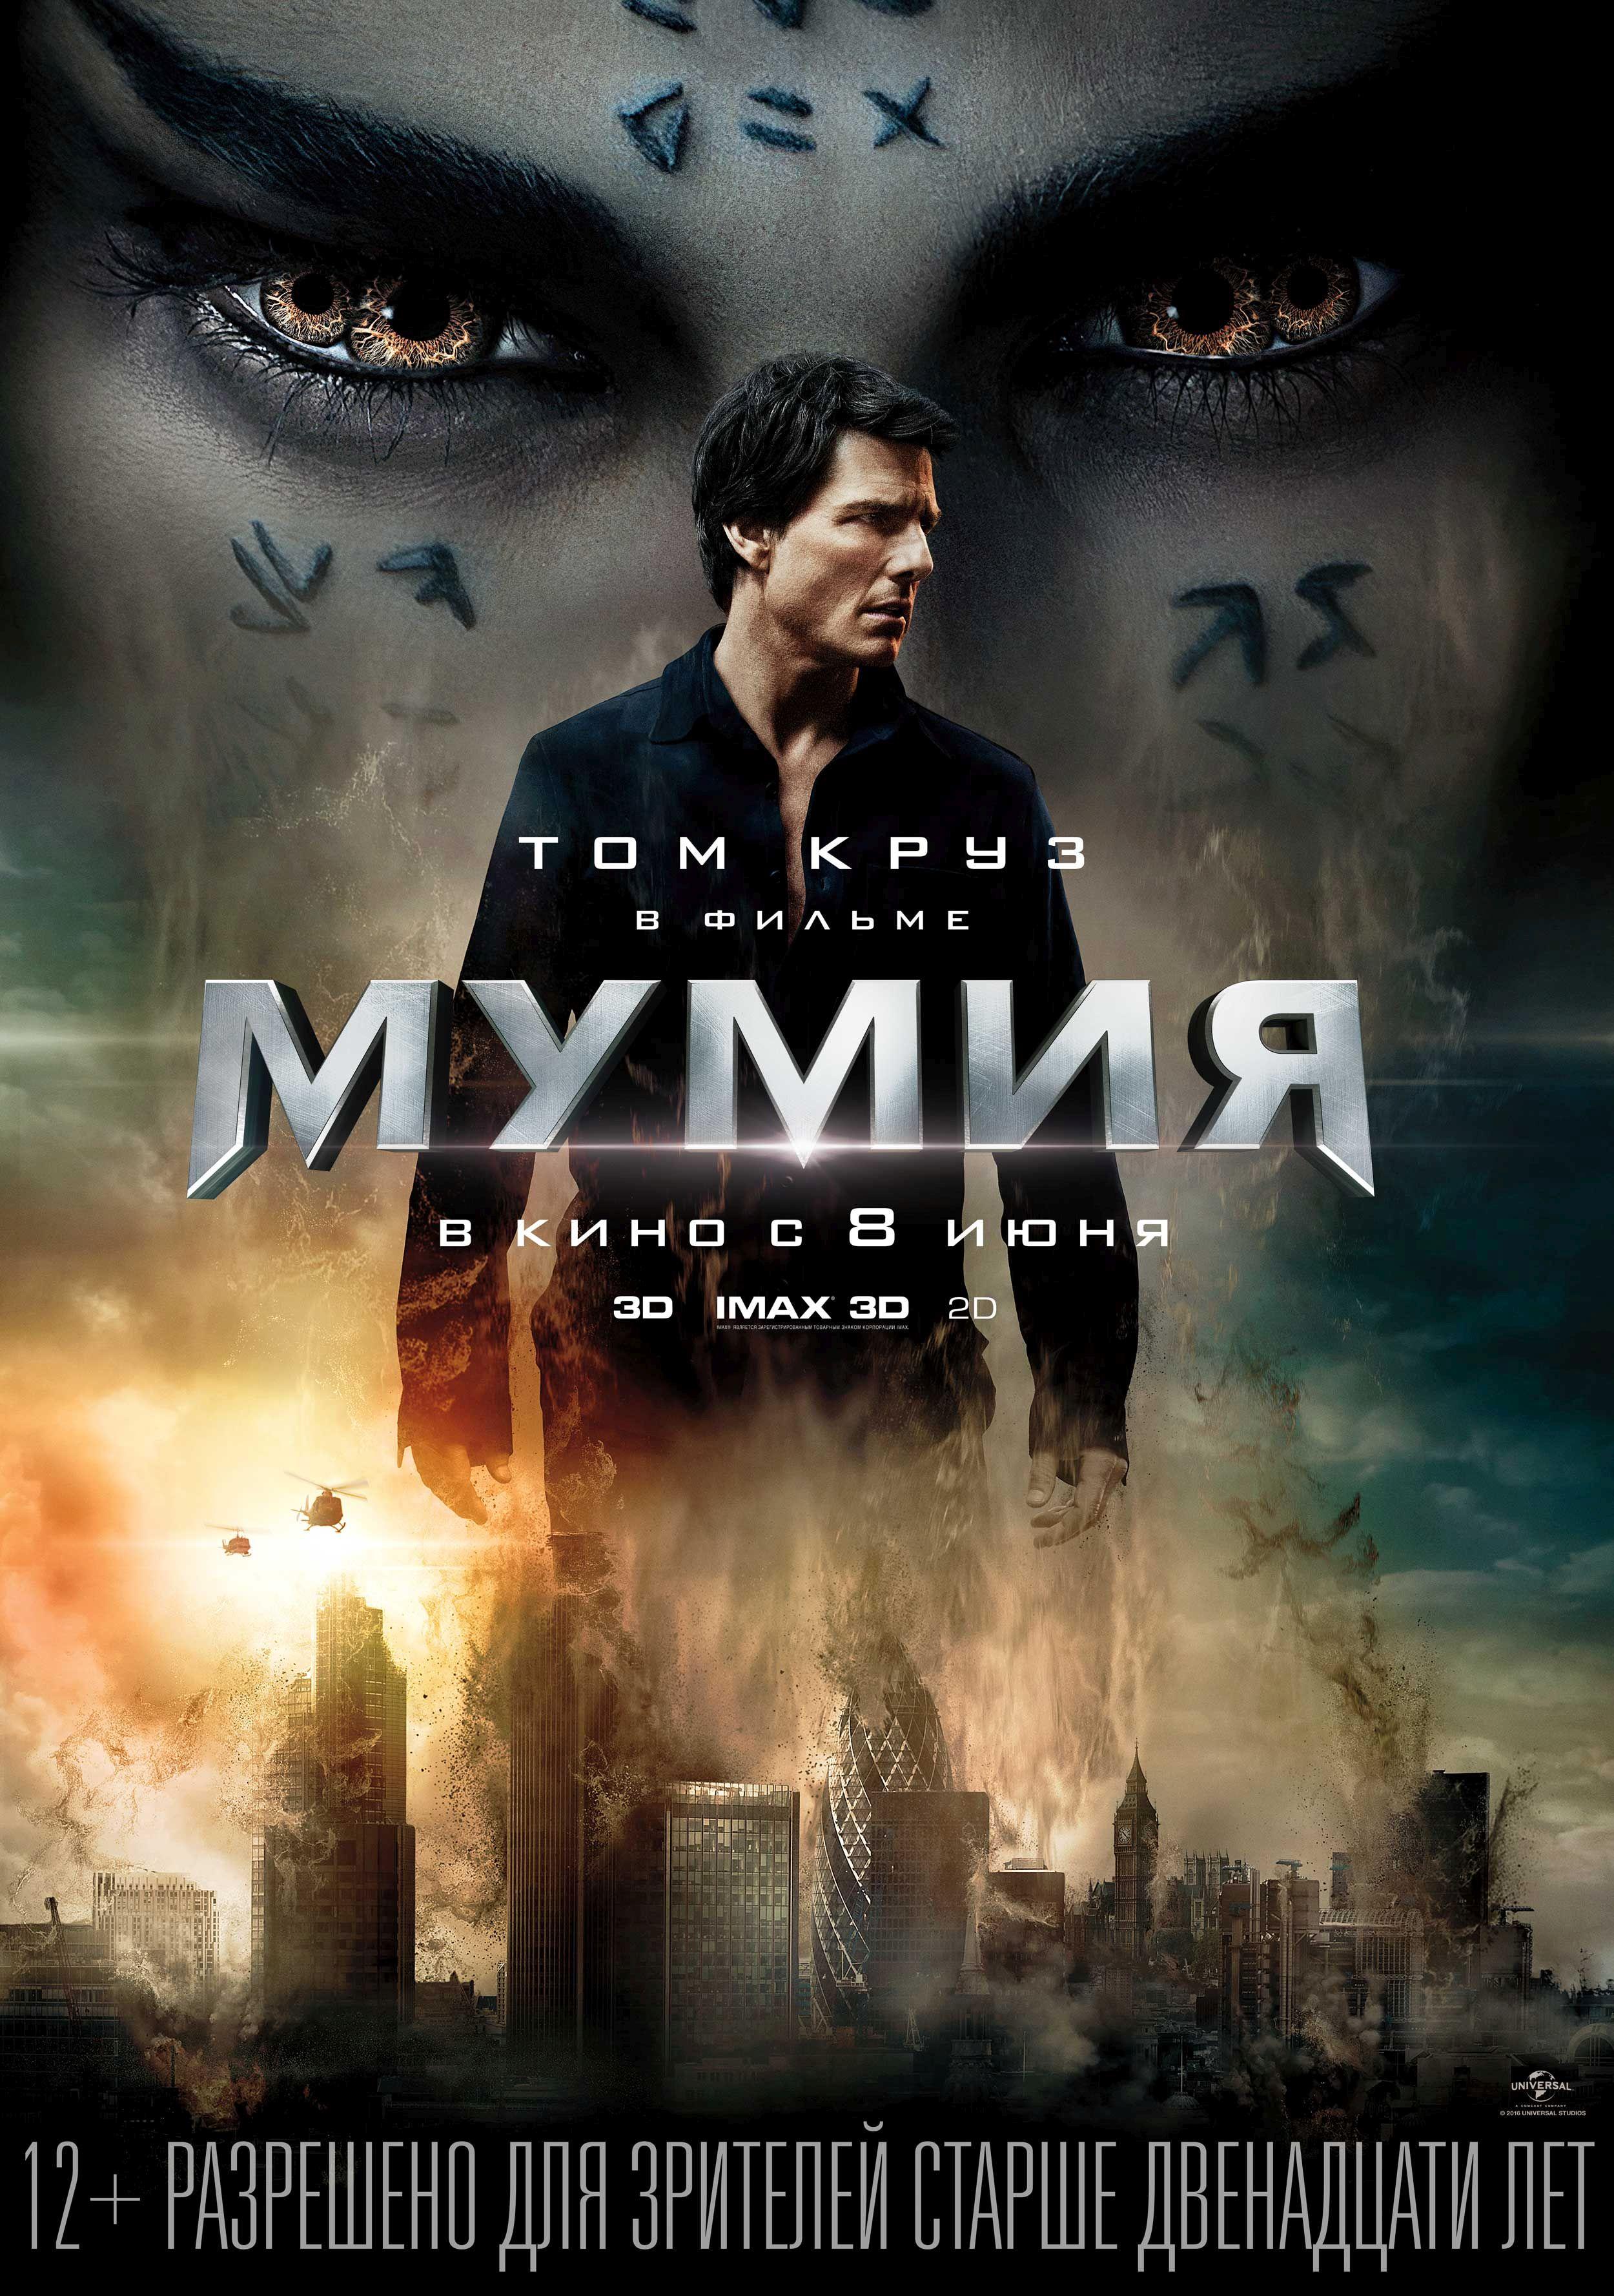 Возрастное ограничение фильма мумия 2018